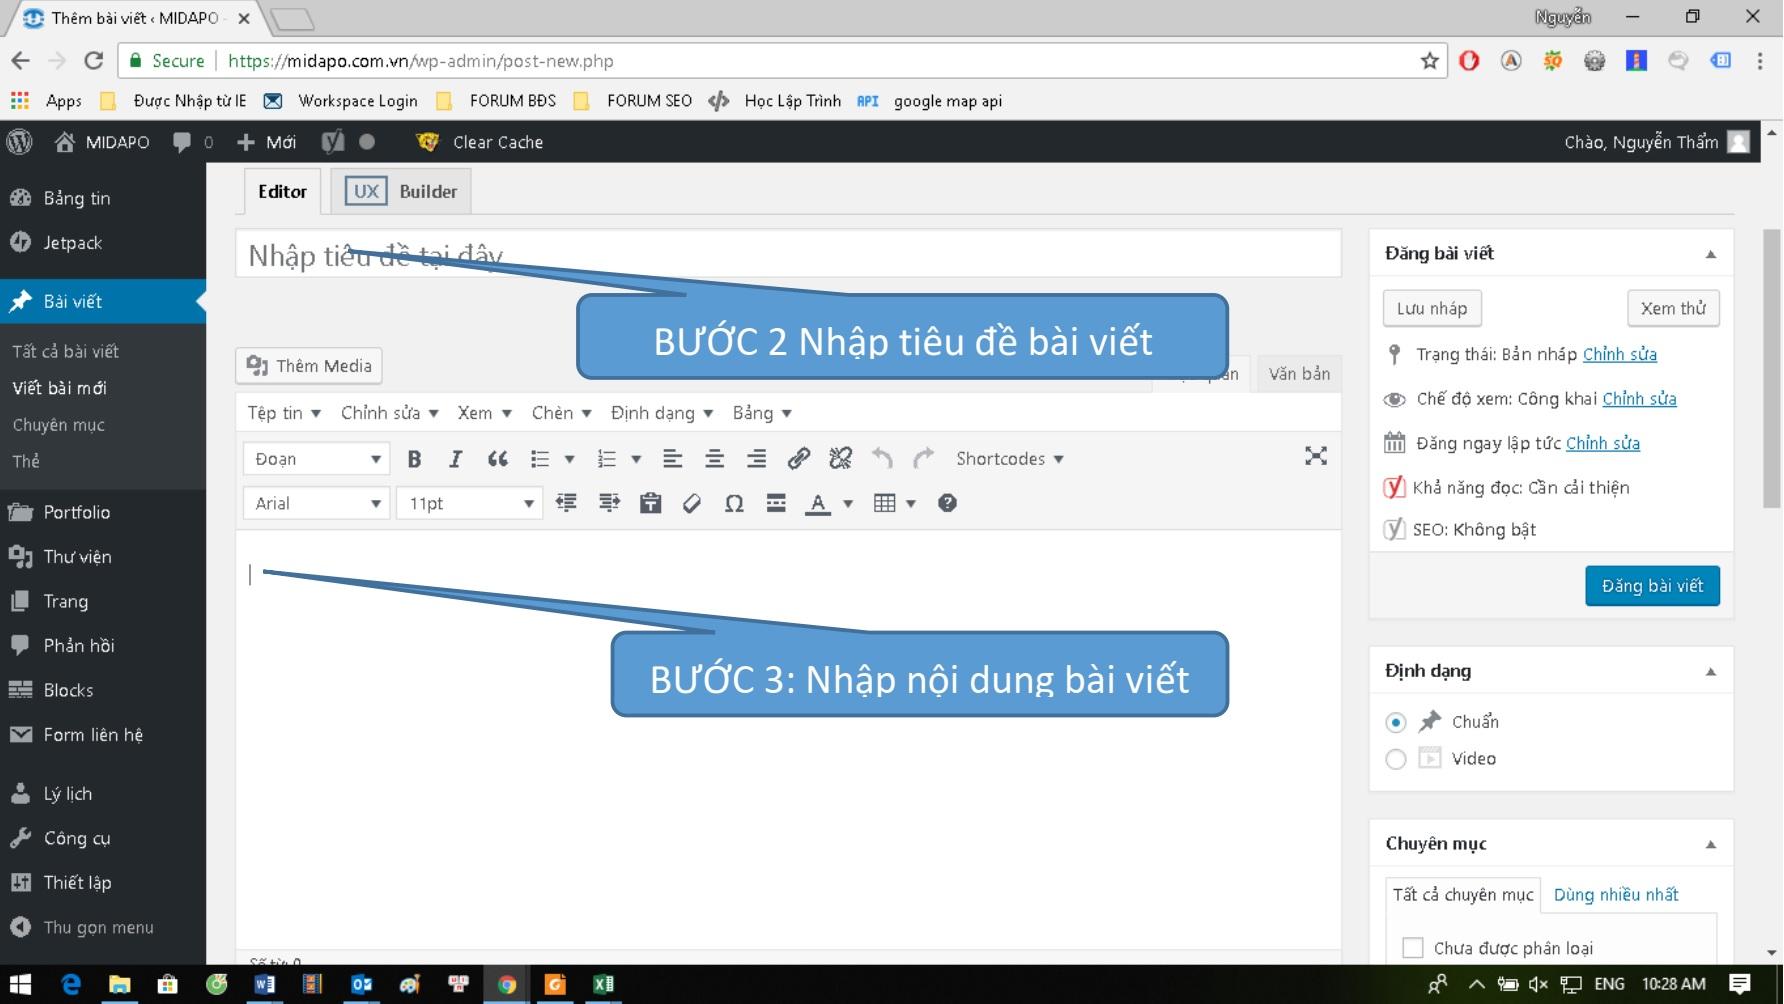 qproweb huong dan su dung wordpress dang bai viet buoc 2 3